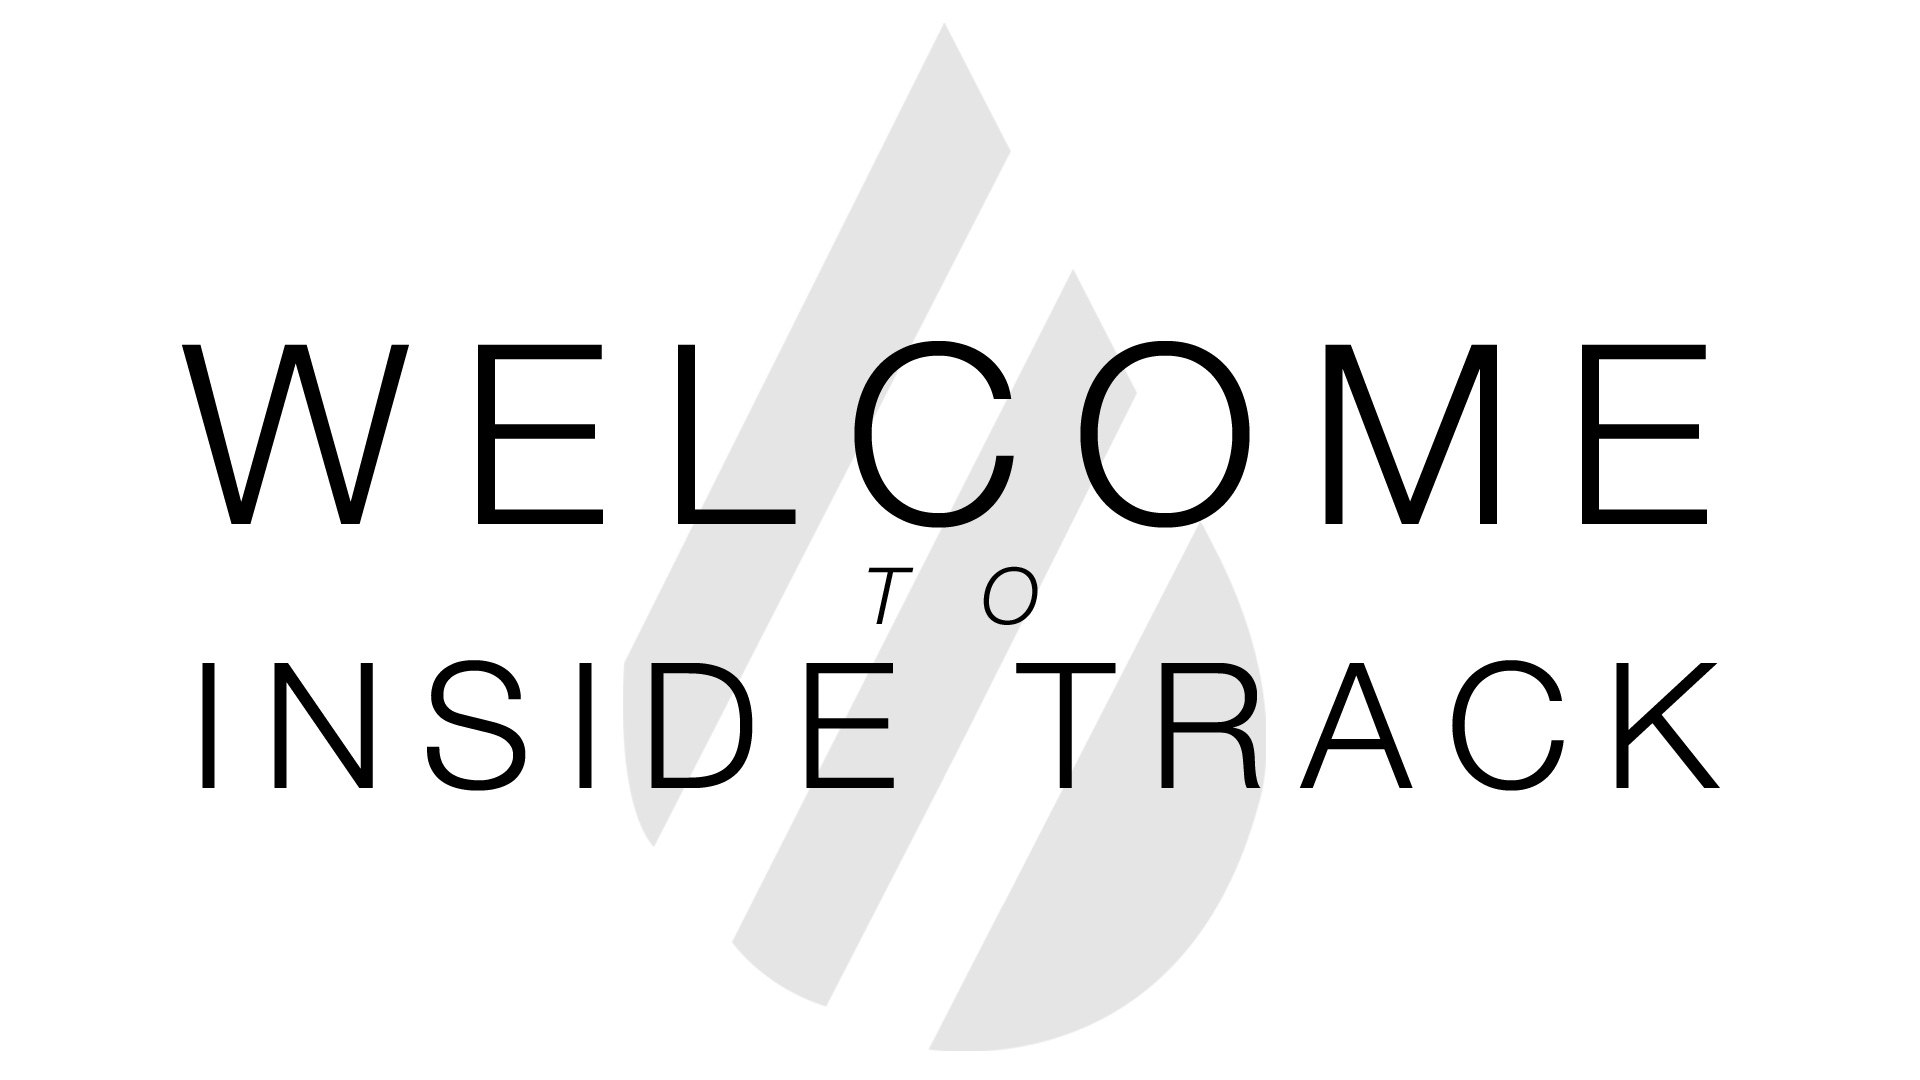 Welcometoinsidetrack 03